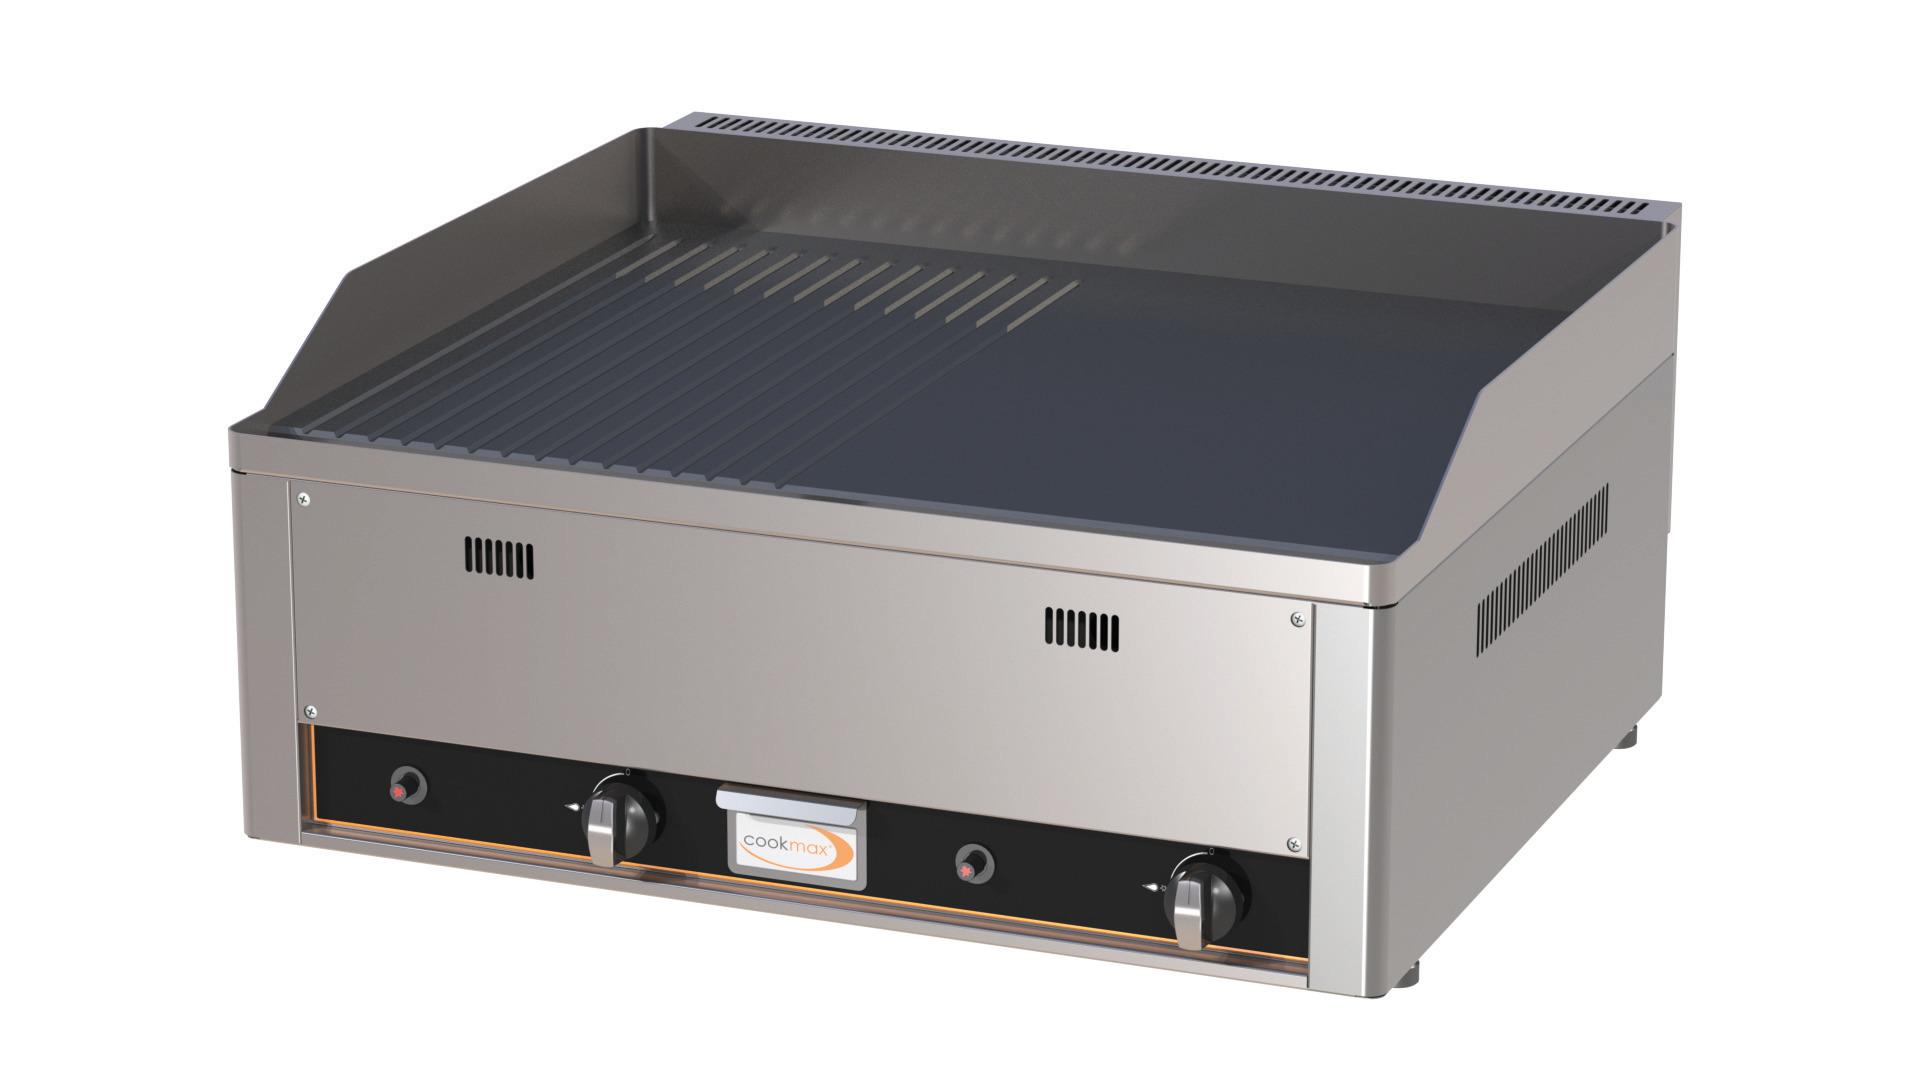 Gas-Grillplatte 1/2 glatt 1/2 gerillt 2 Heizzonen 660 x 600 x 220 mm